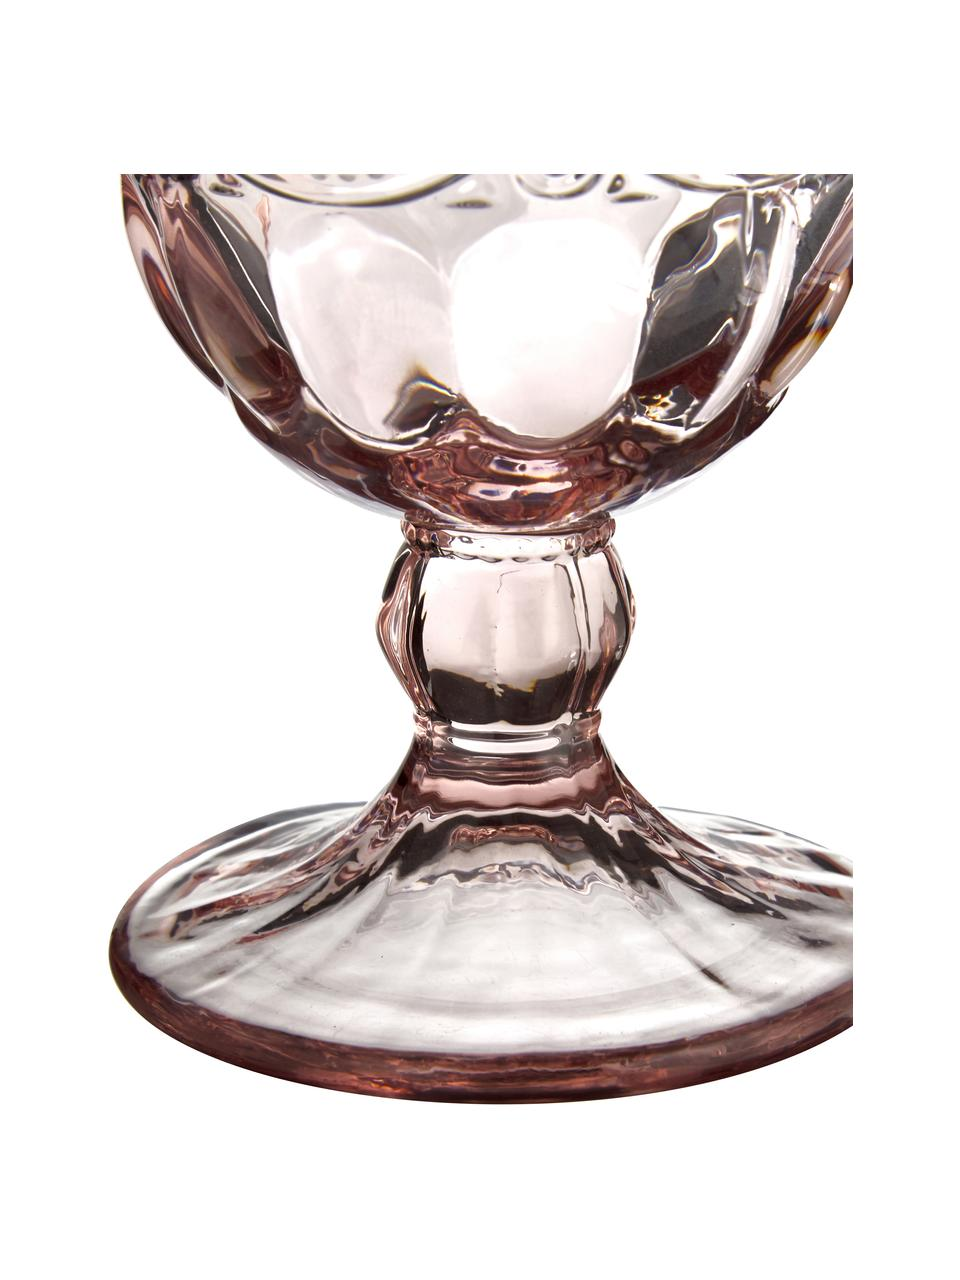 Weingläser Solange mit dekorativem Reliefmuster in Rosa, 6er-Set, Glas, Transparent, Rosa, 350 ml